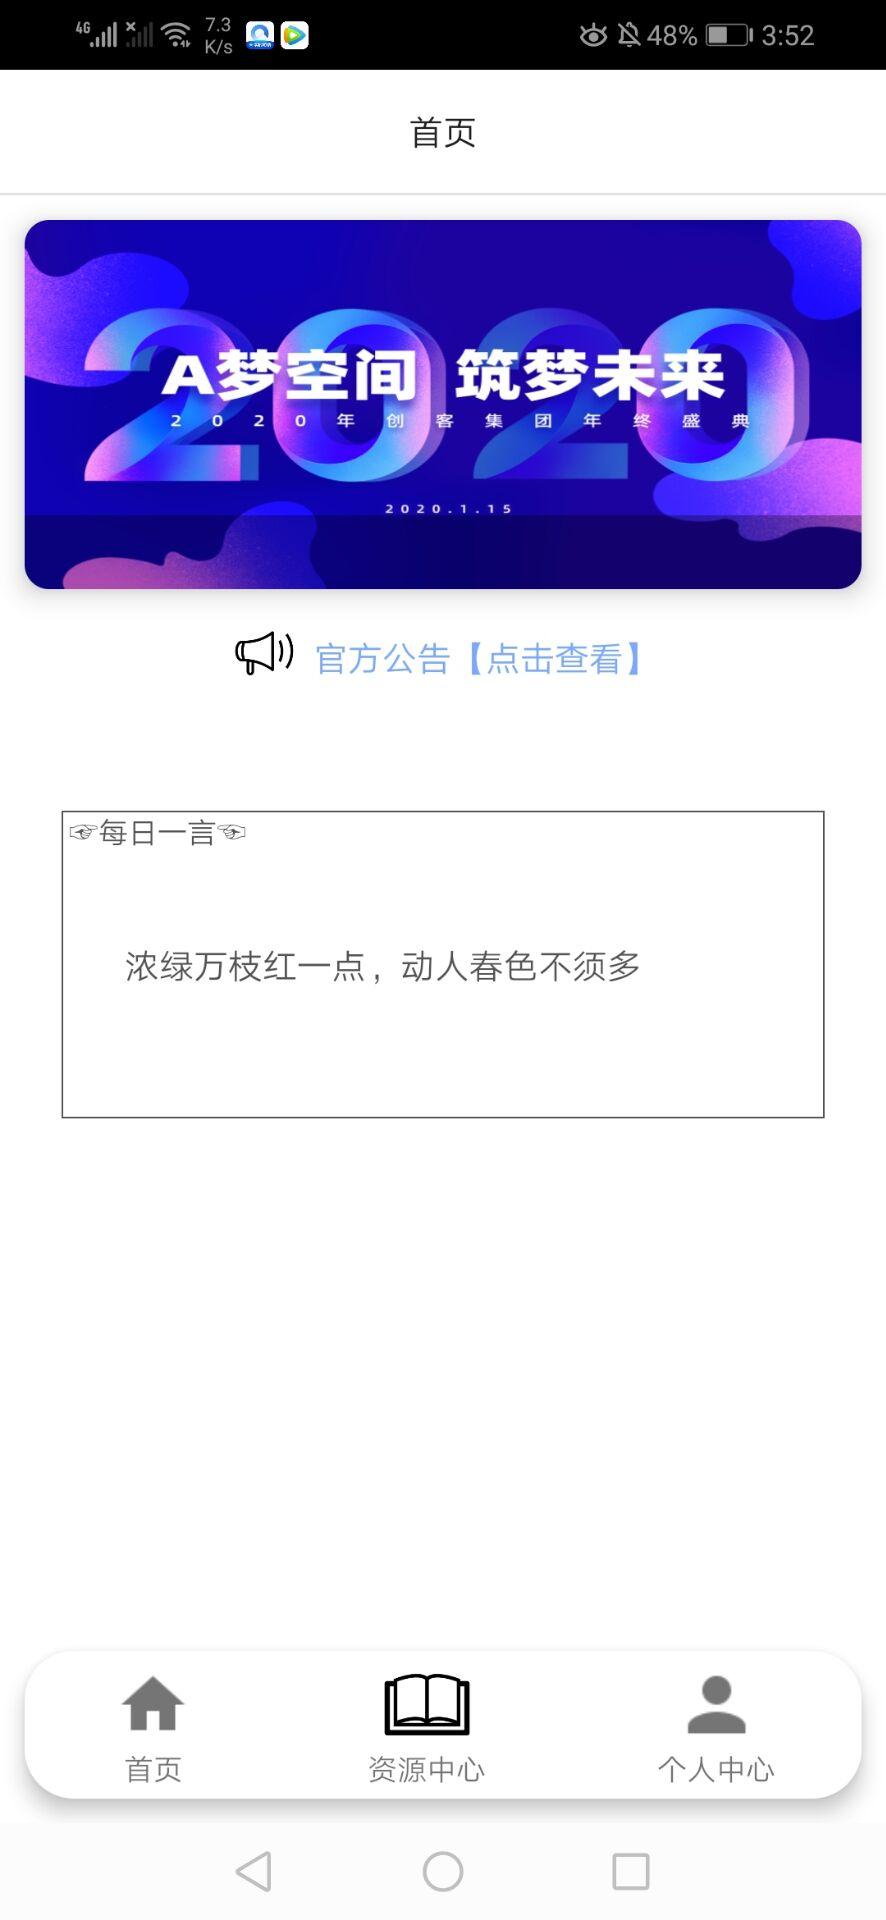 【原创】A梦空间(iapp)